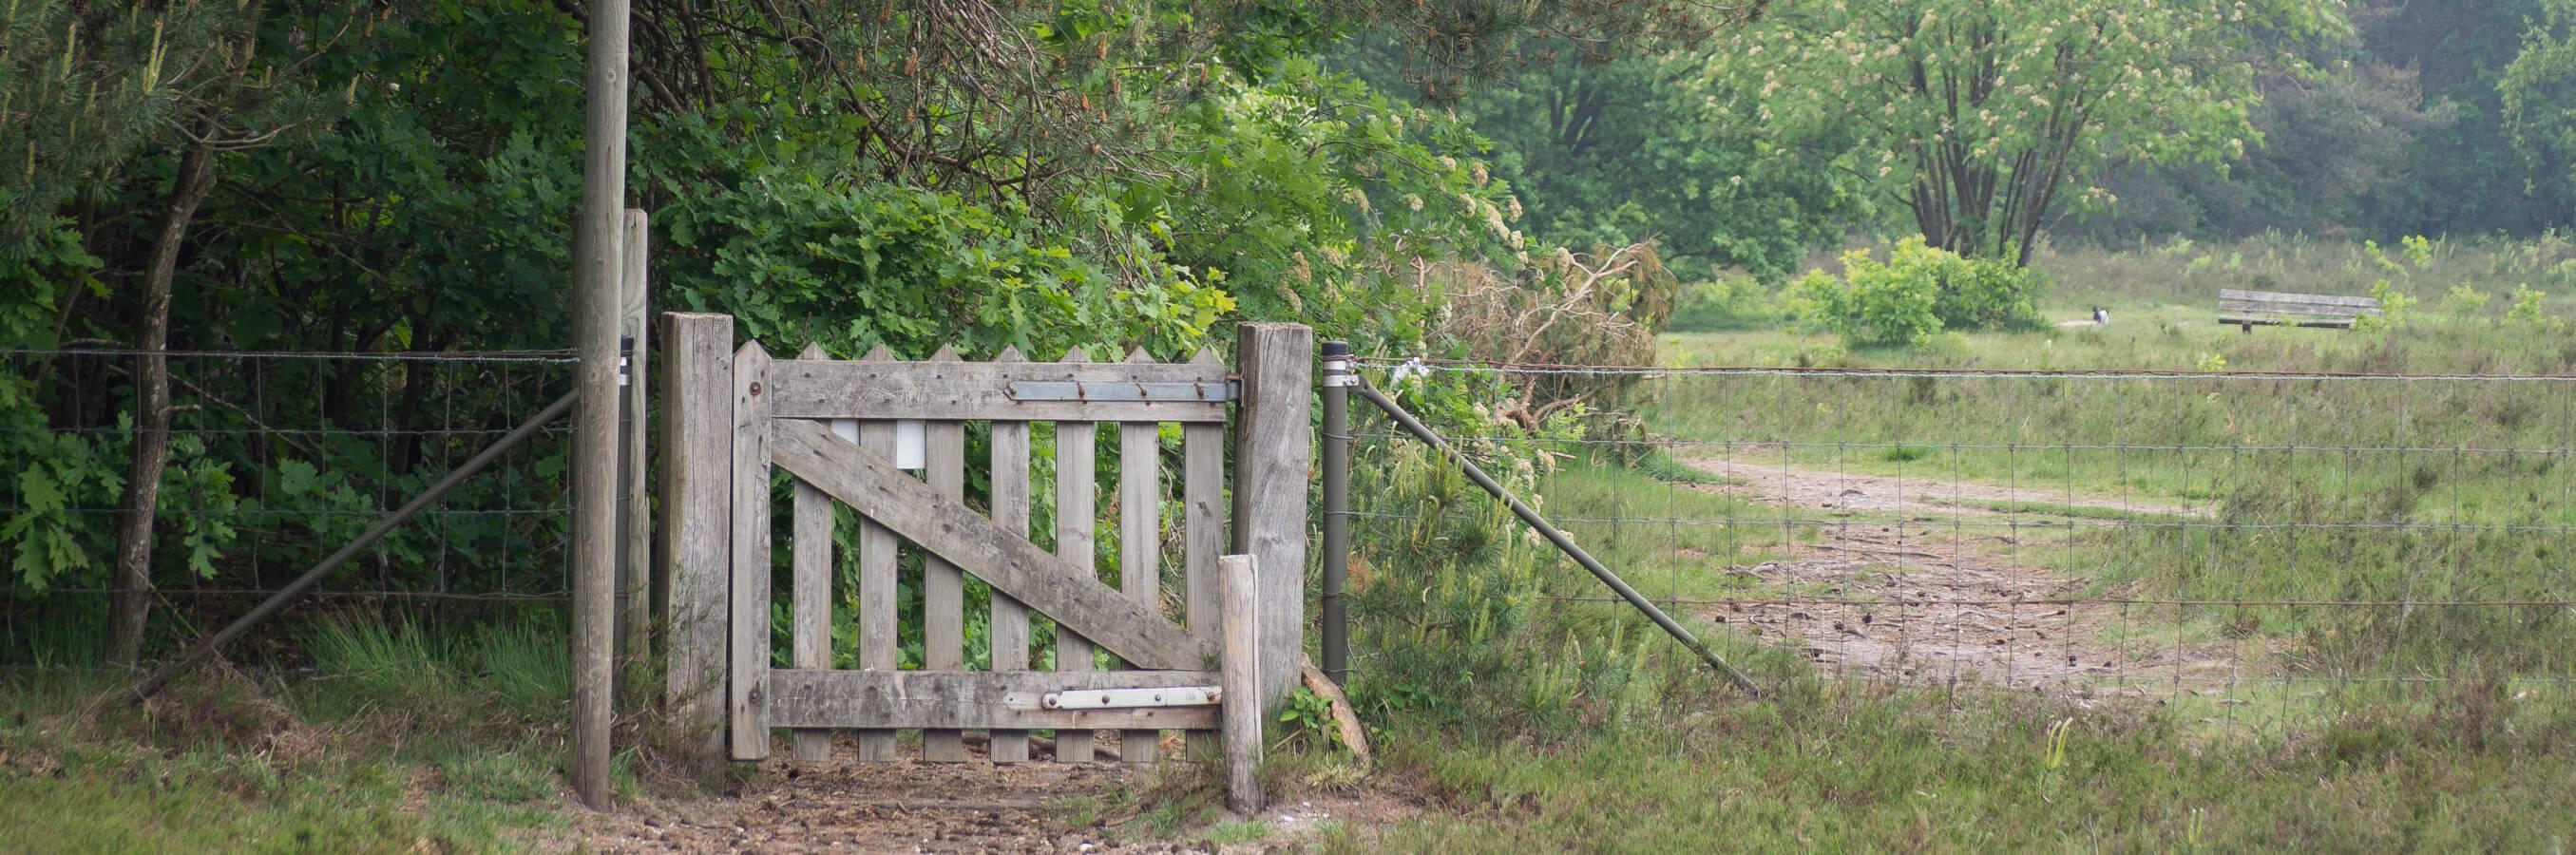 Bussum heide hek